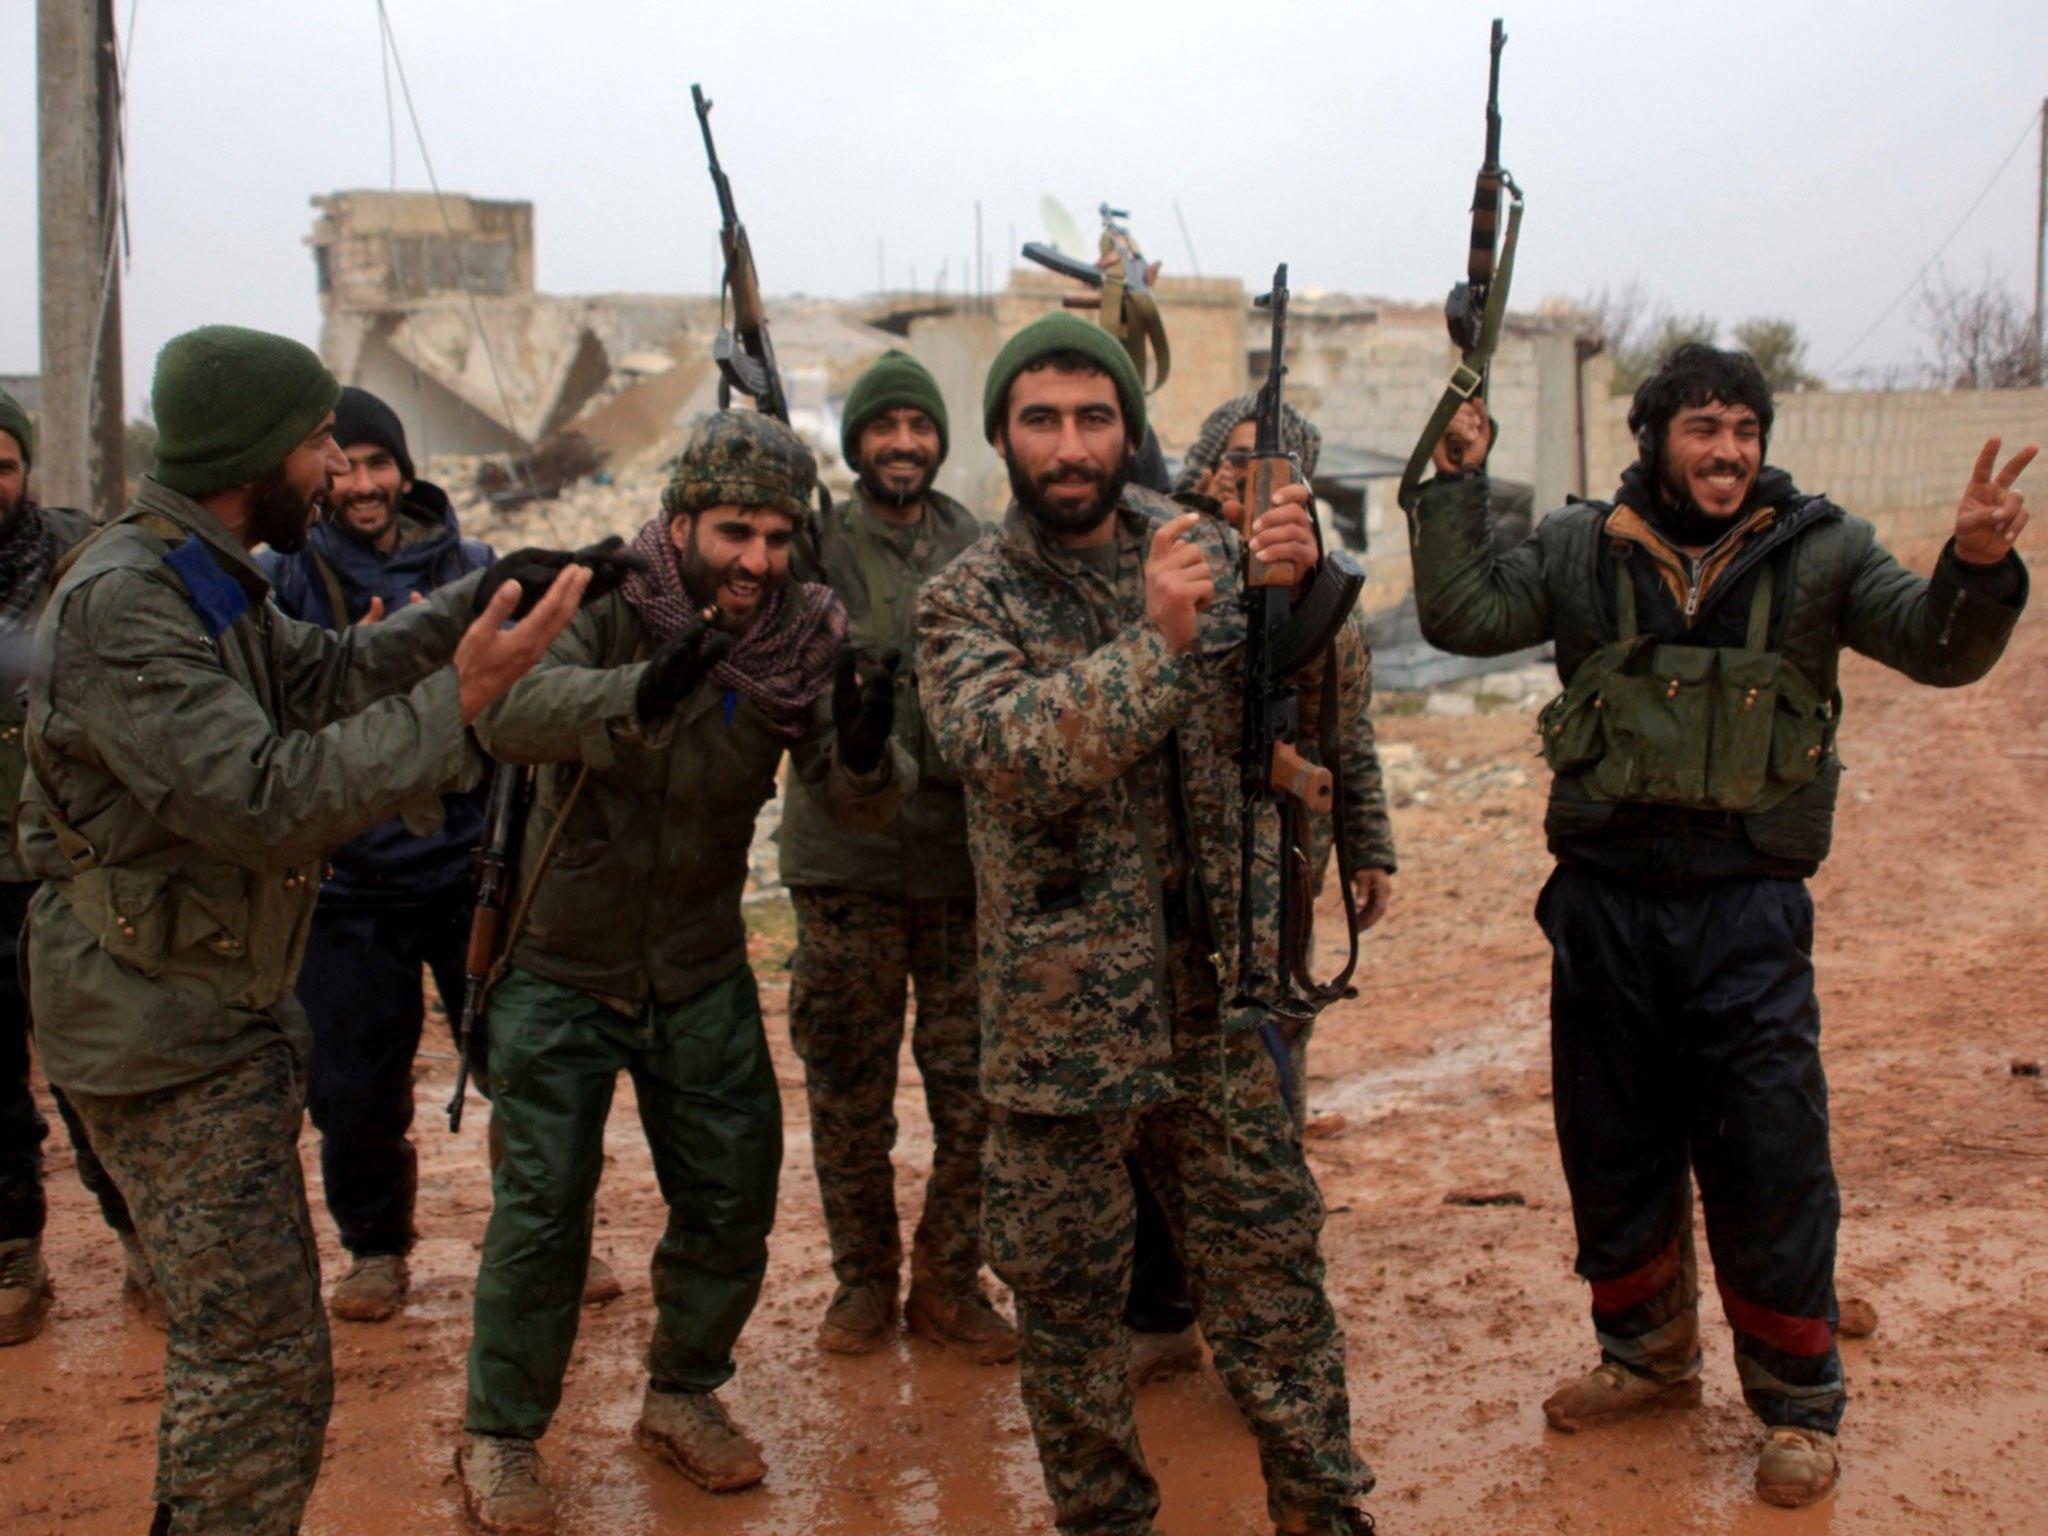 究竟是谁虐待了库尔德女兵尸体 这伙惯犯还曾有更残忍暴行